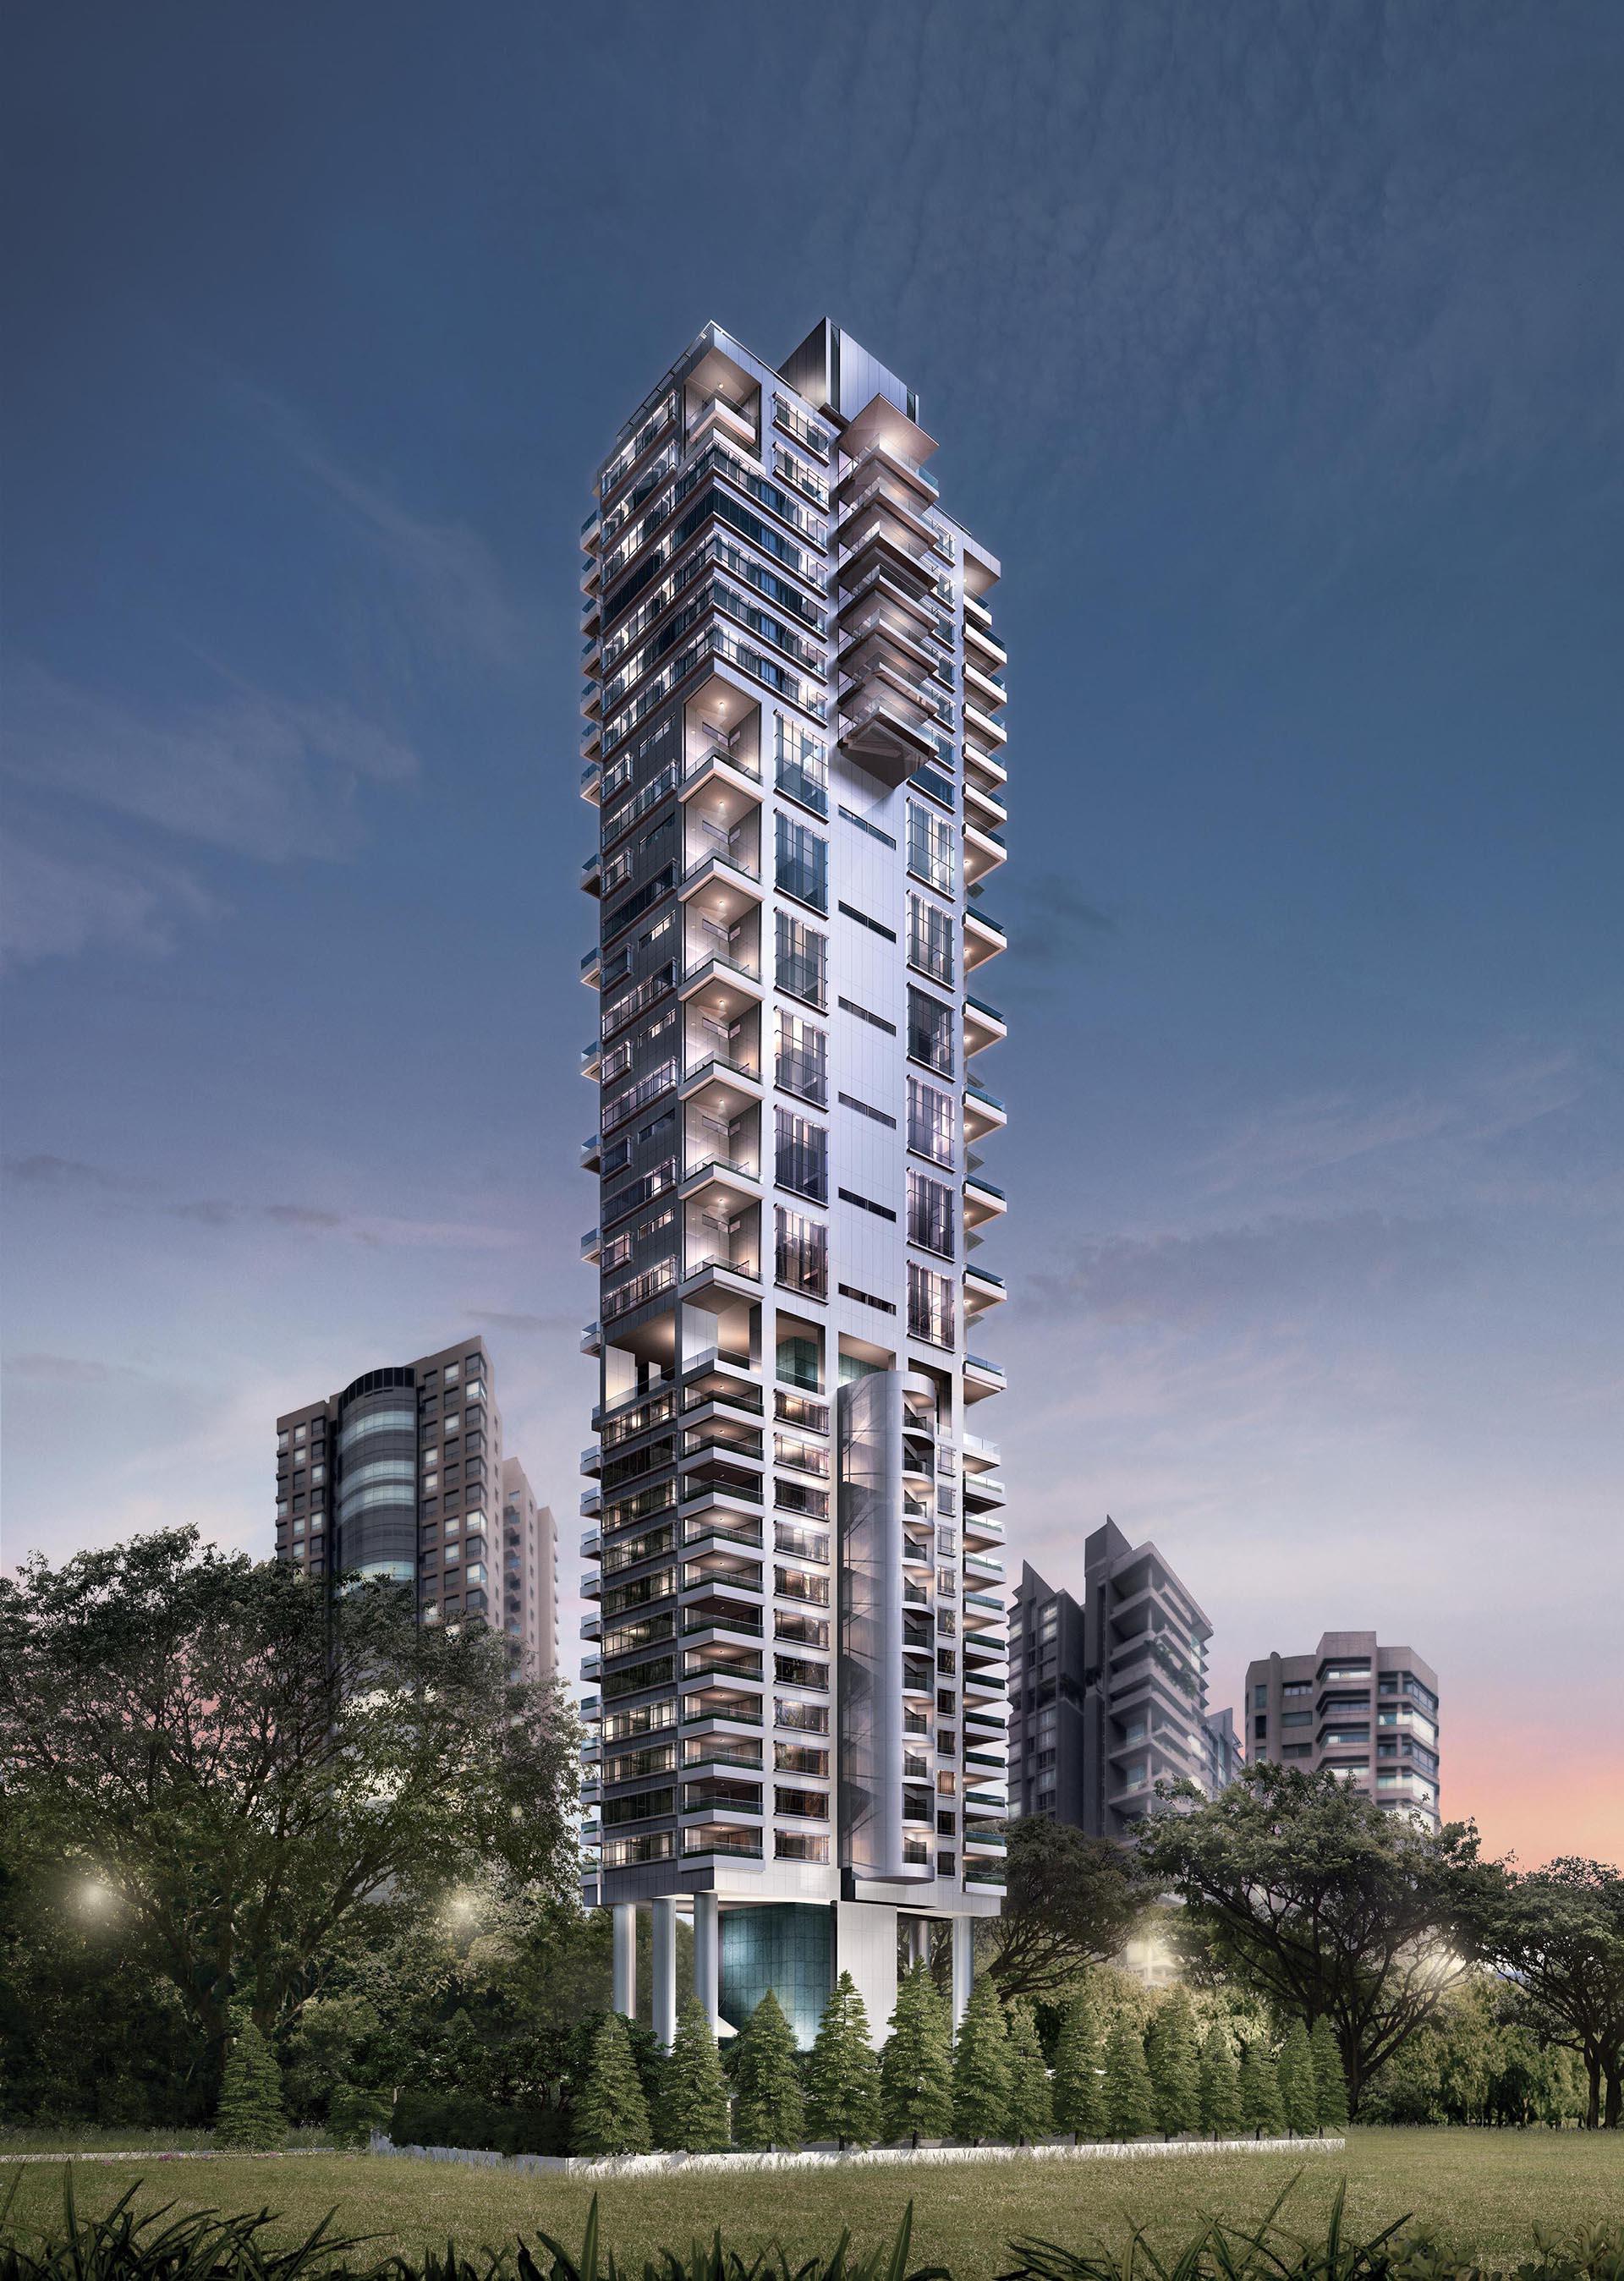 062-Skyline facade